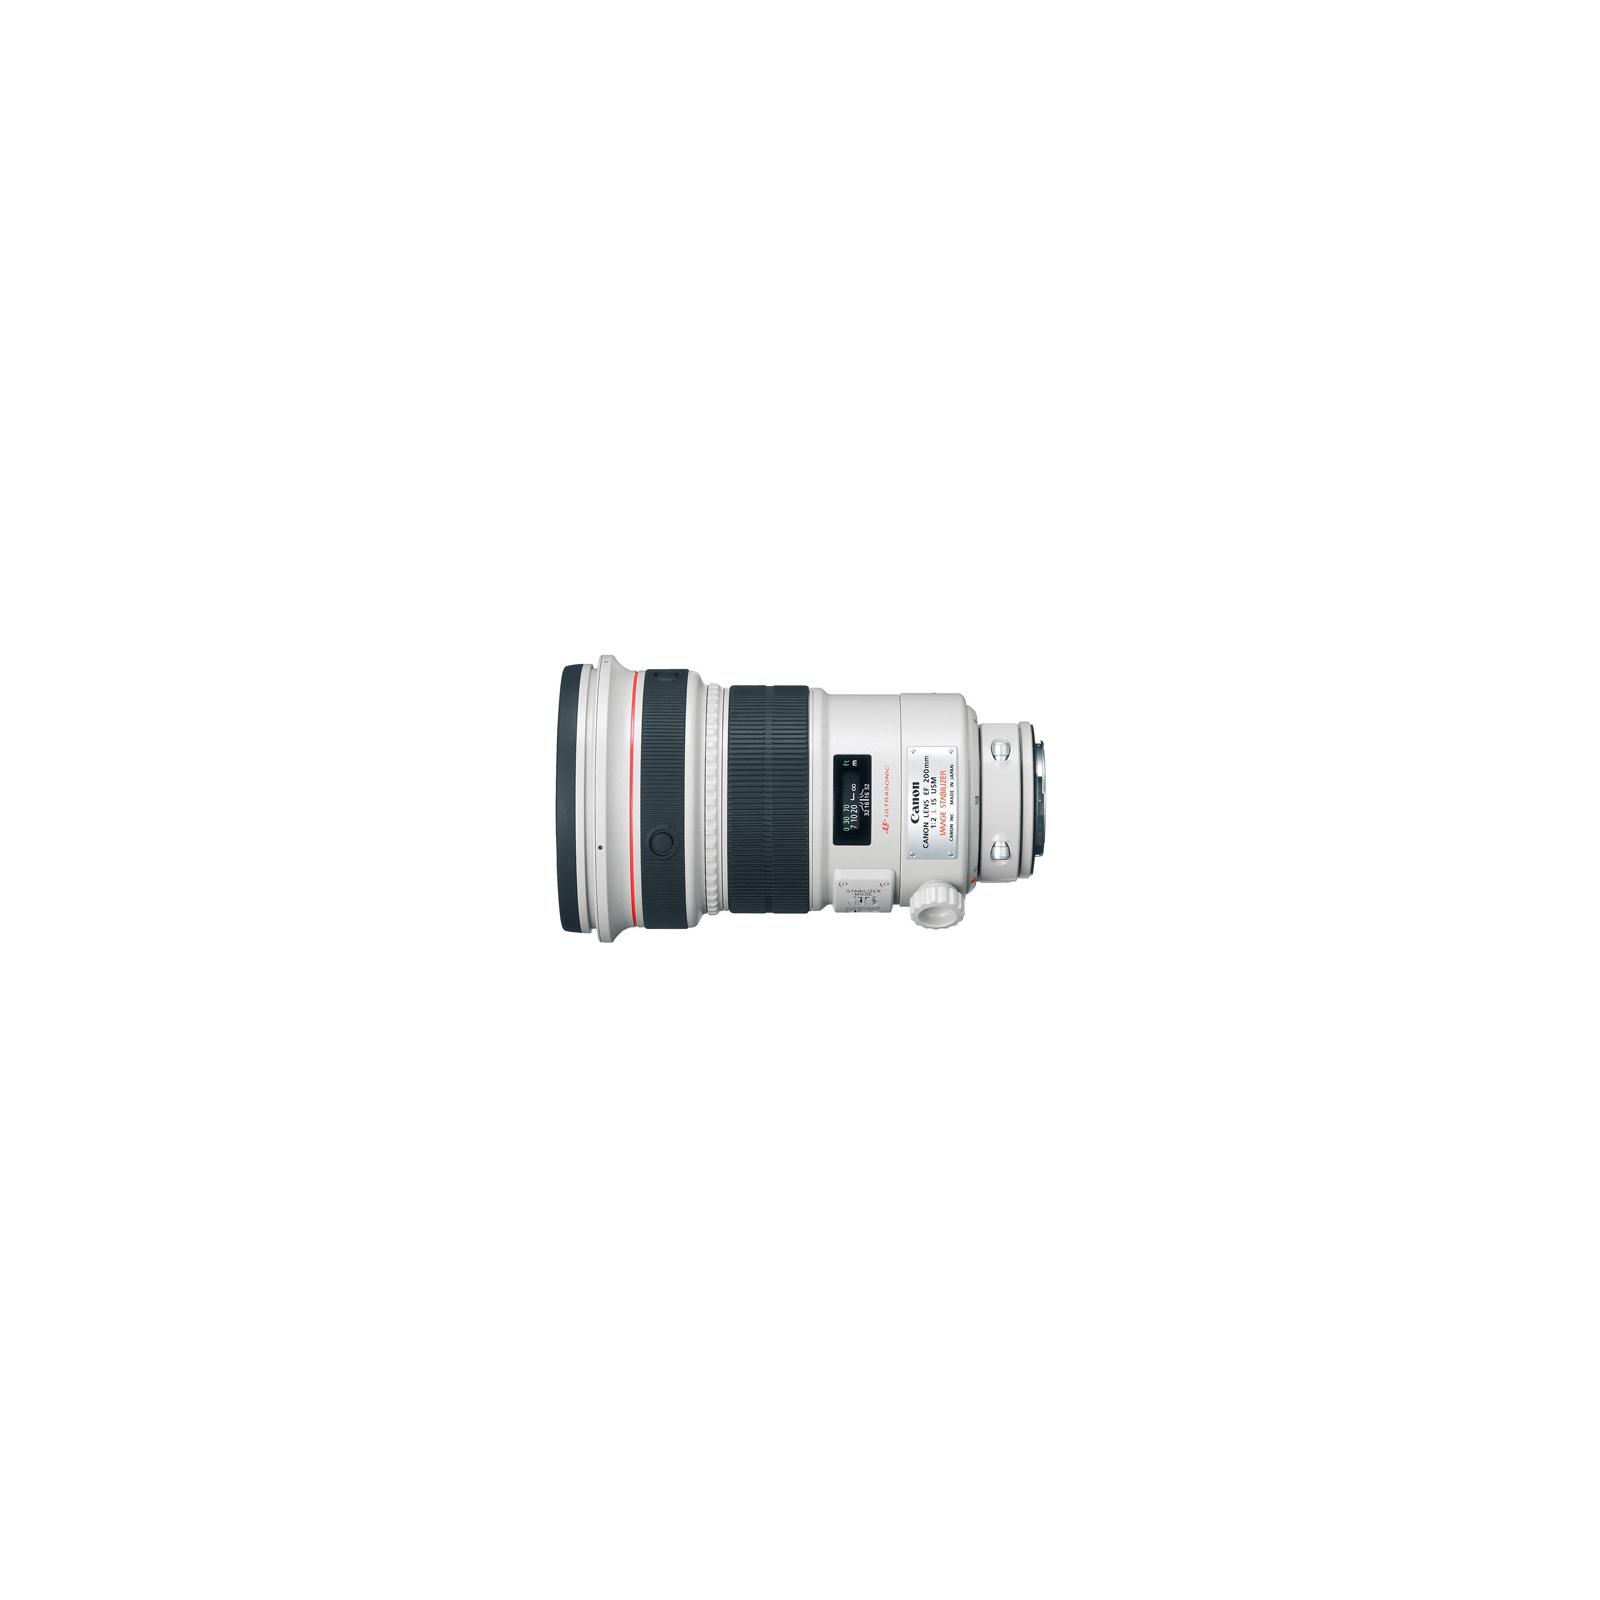 Объектив Canon EF 200mm f/2.0L IS USM (2297B005) изображение 2